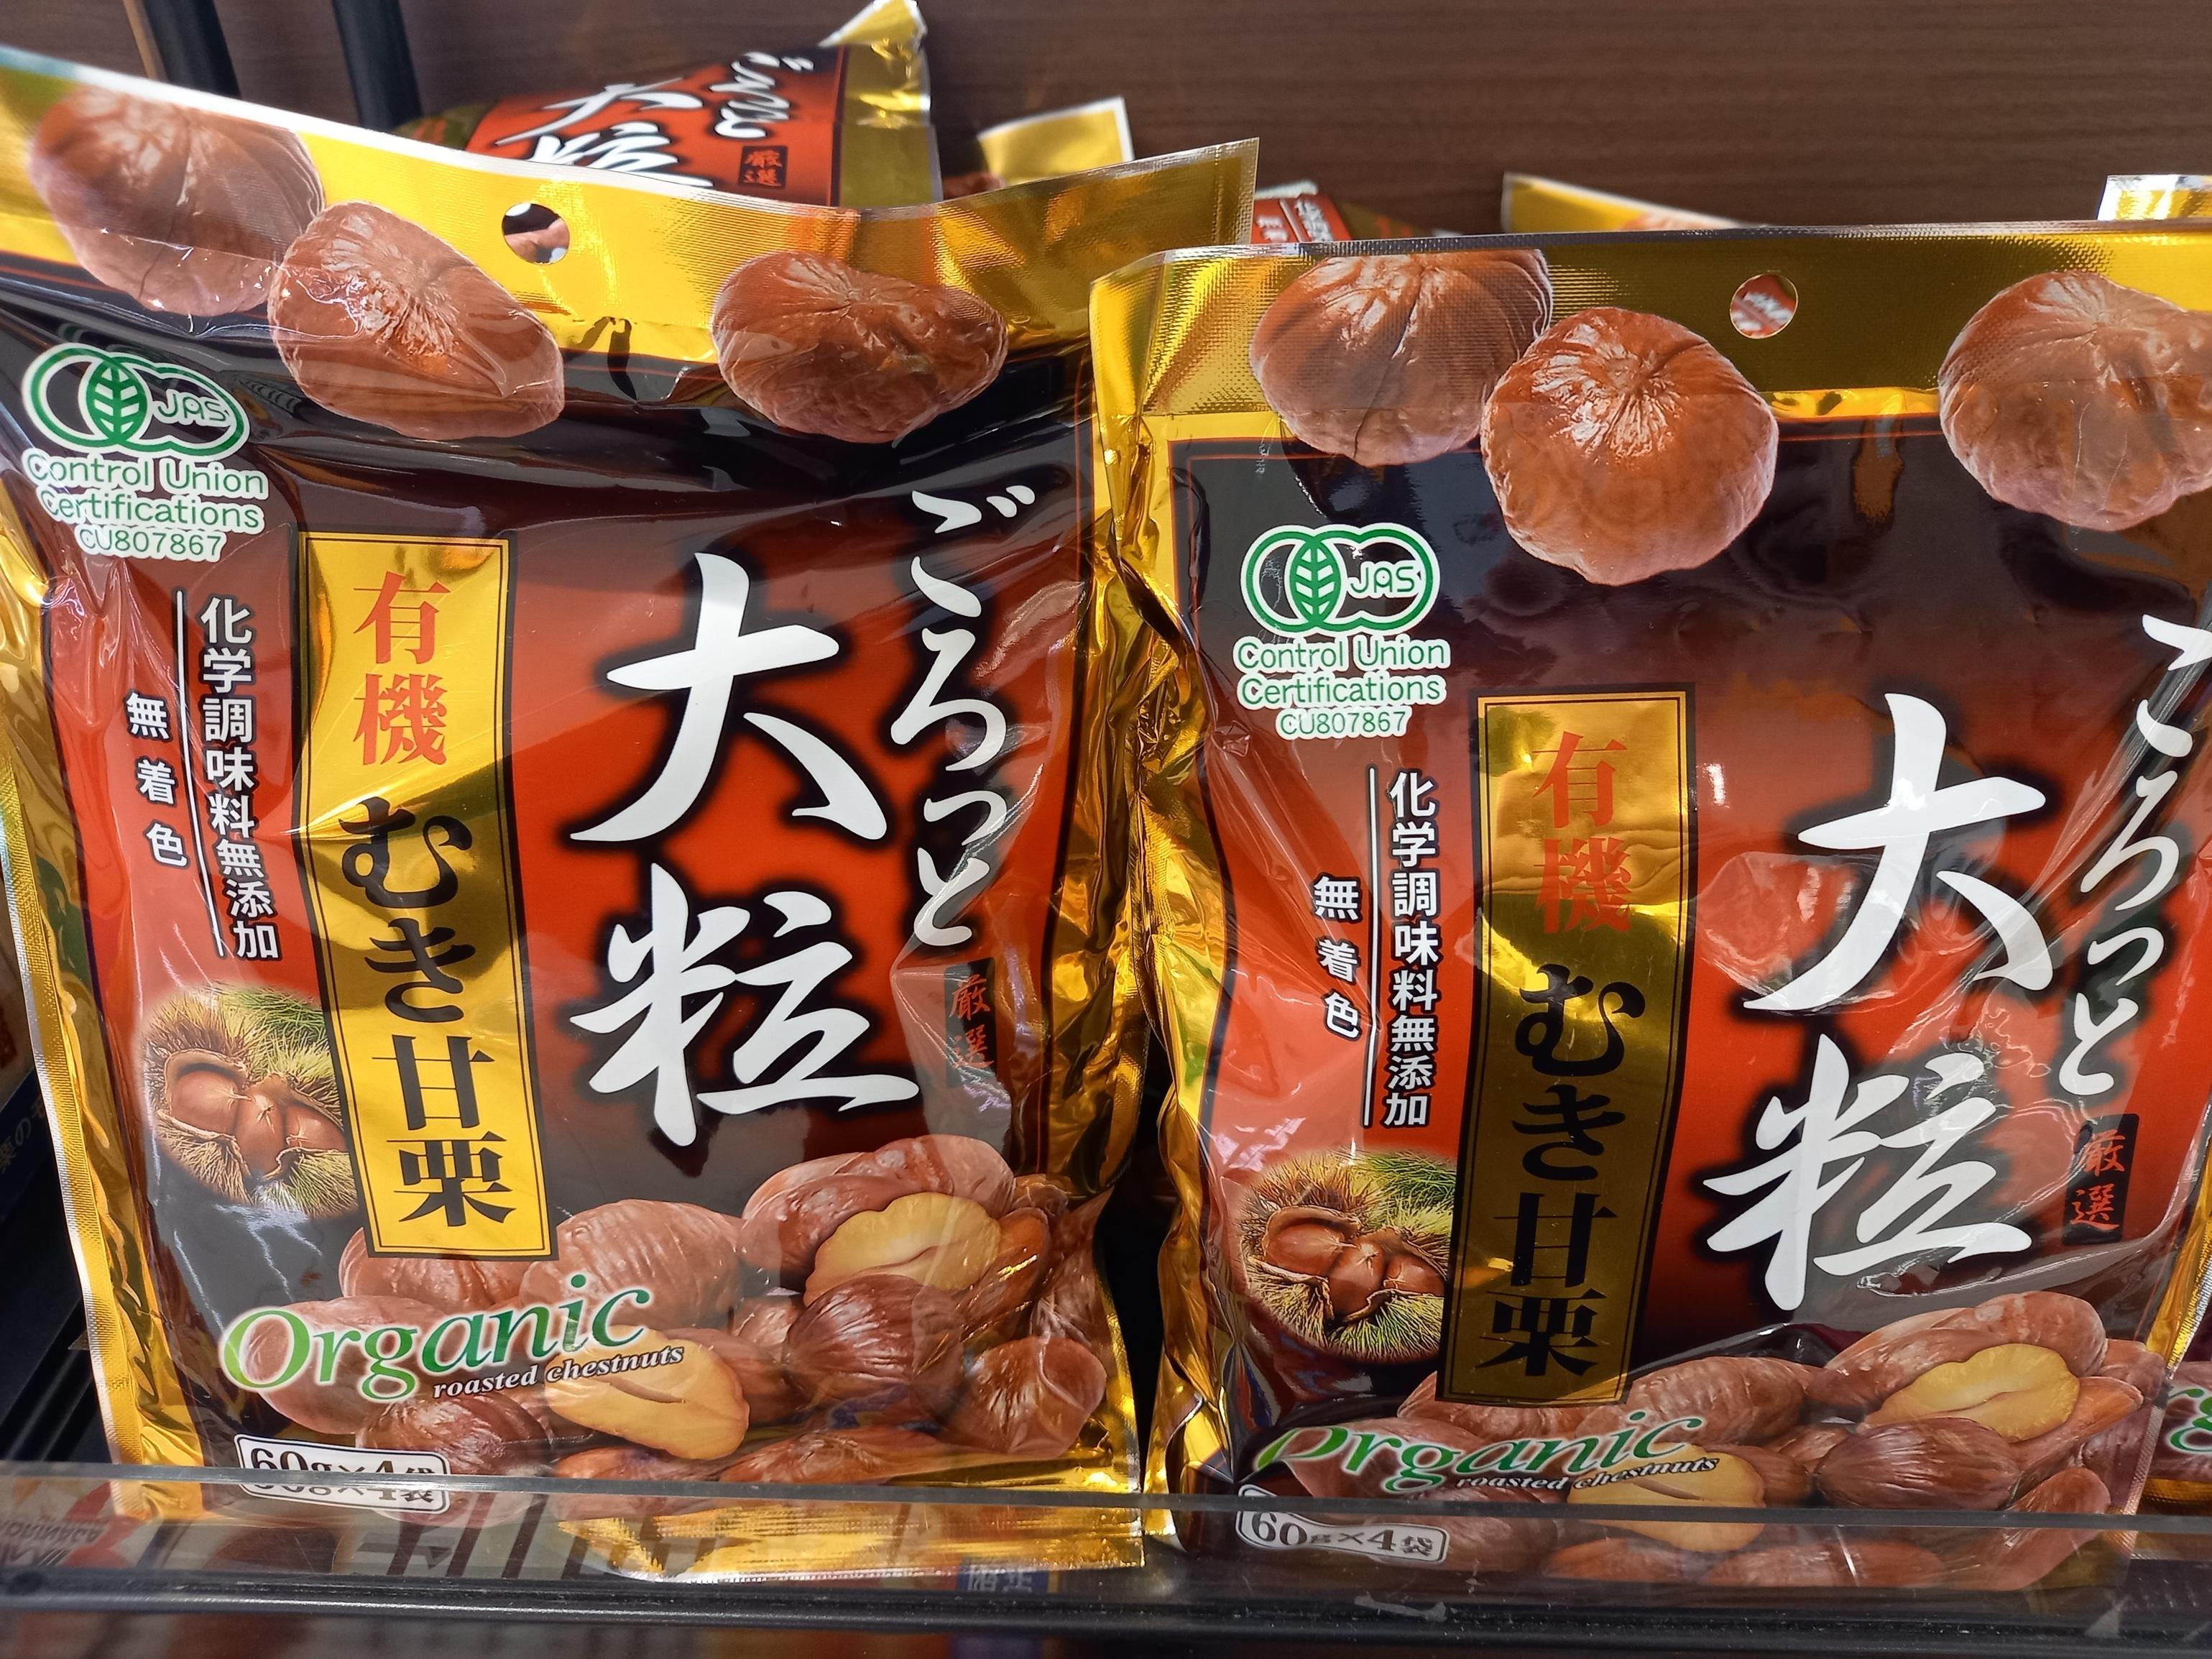 ごろっと大粒 有機むき甘栗 60g×4袋入 298円 Organic!!